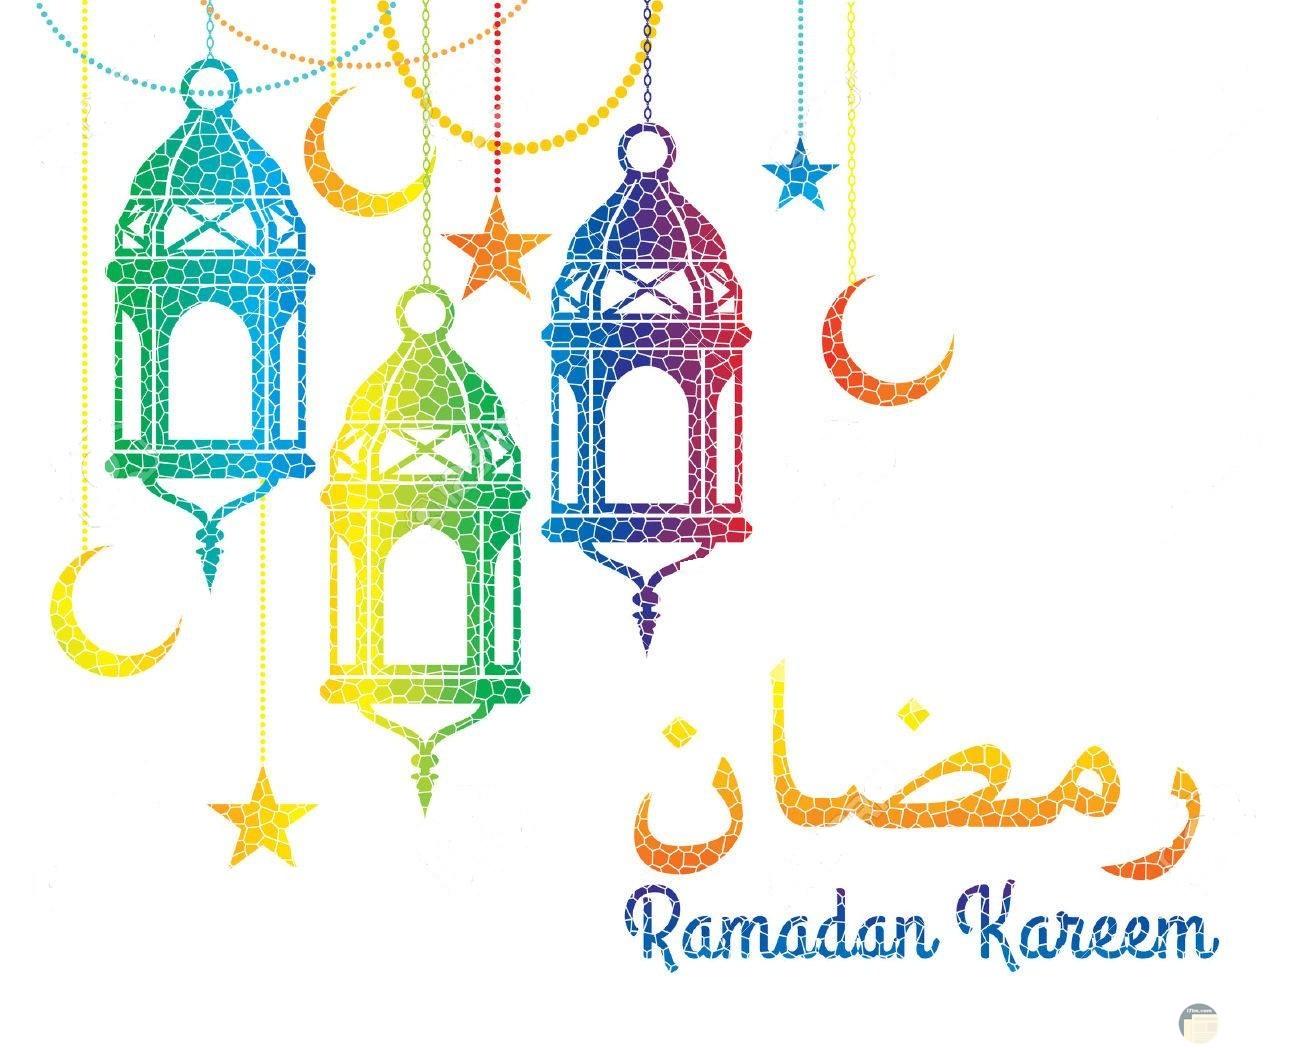 فوانيس مرسومة و ملون مع عبارة رمضان كريم.